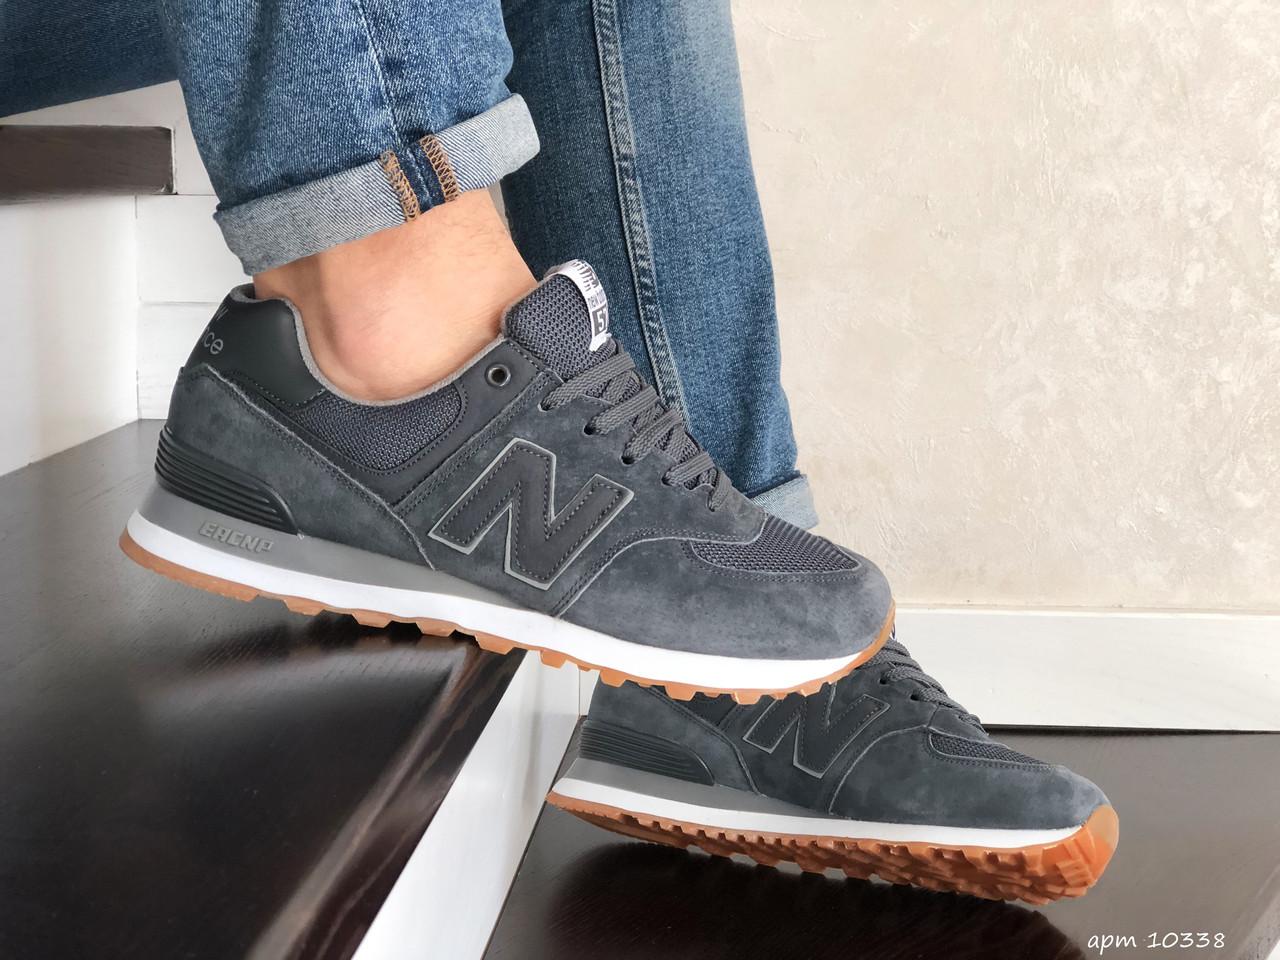 Чоловічі кросівки New Balance 574, сірі / чоловічі кросівки Нью Баланс (Топ репліка ААА+)